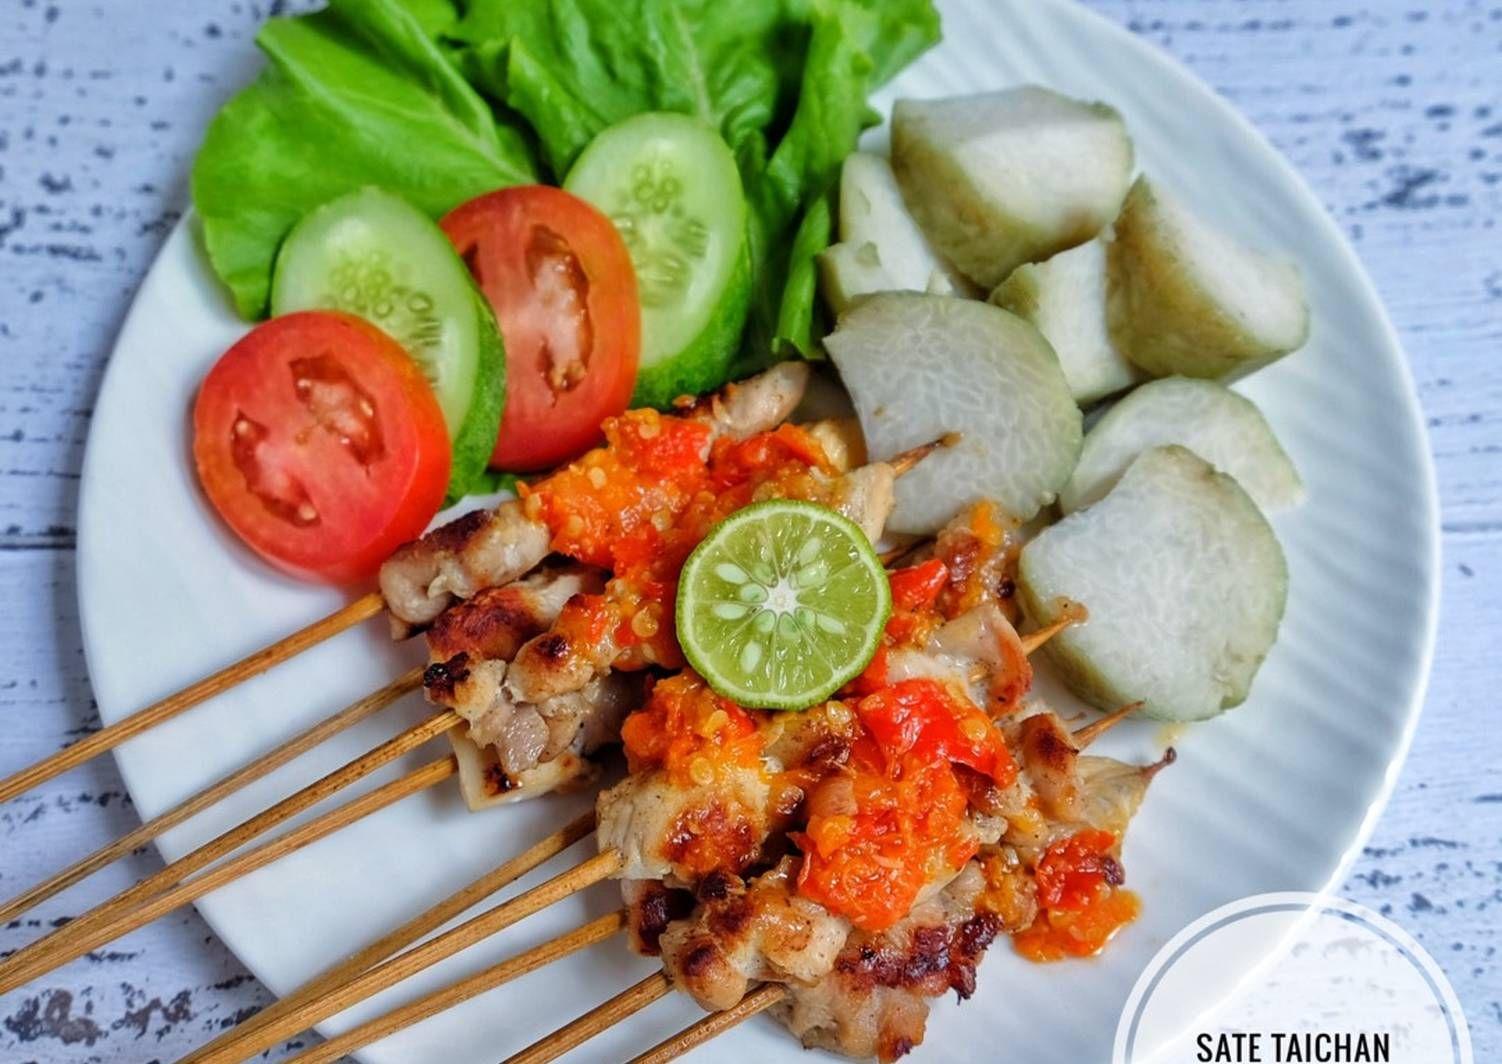 Resep Sate Taichan Oleh Susi Agung Resep Makanan Sehat Resep Resep Masakan